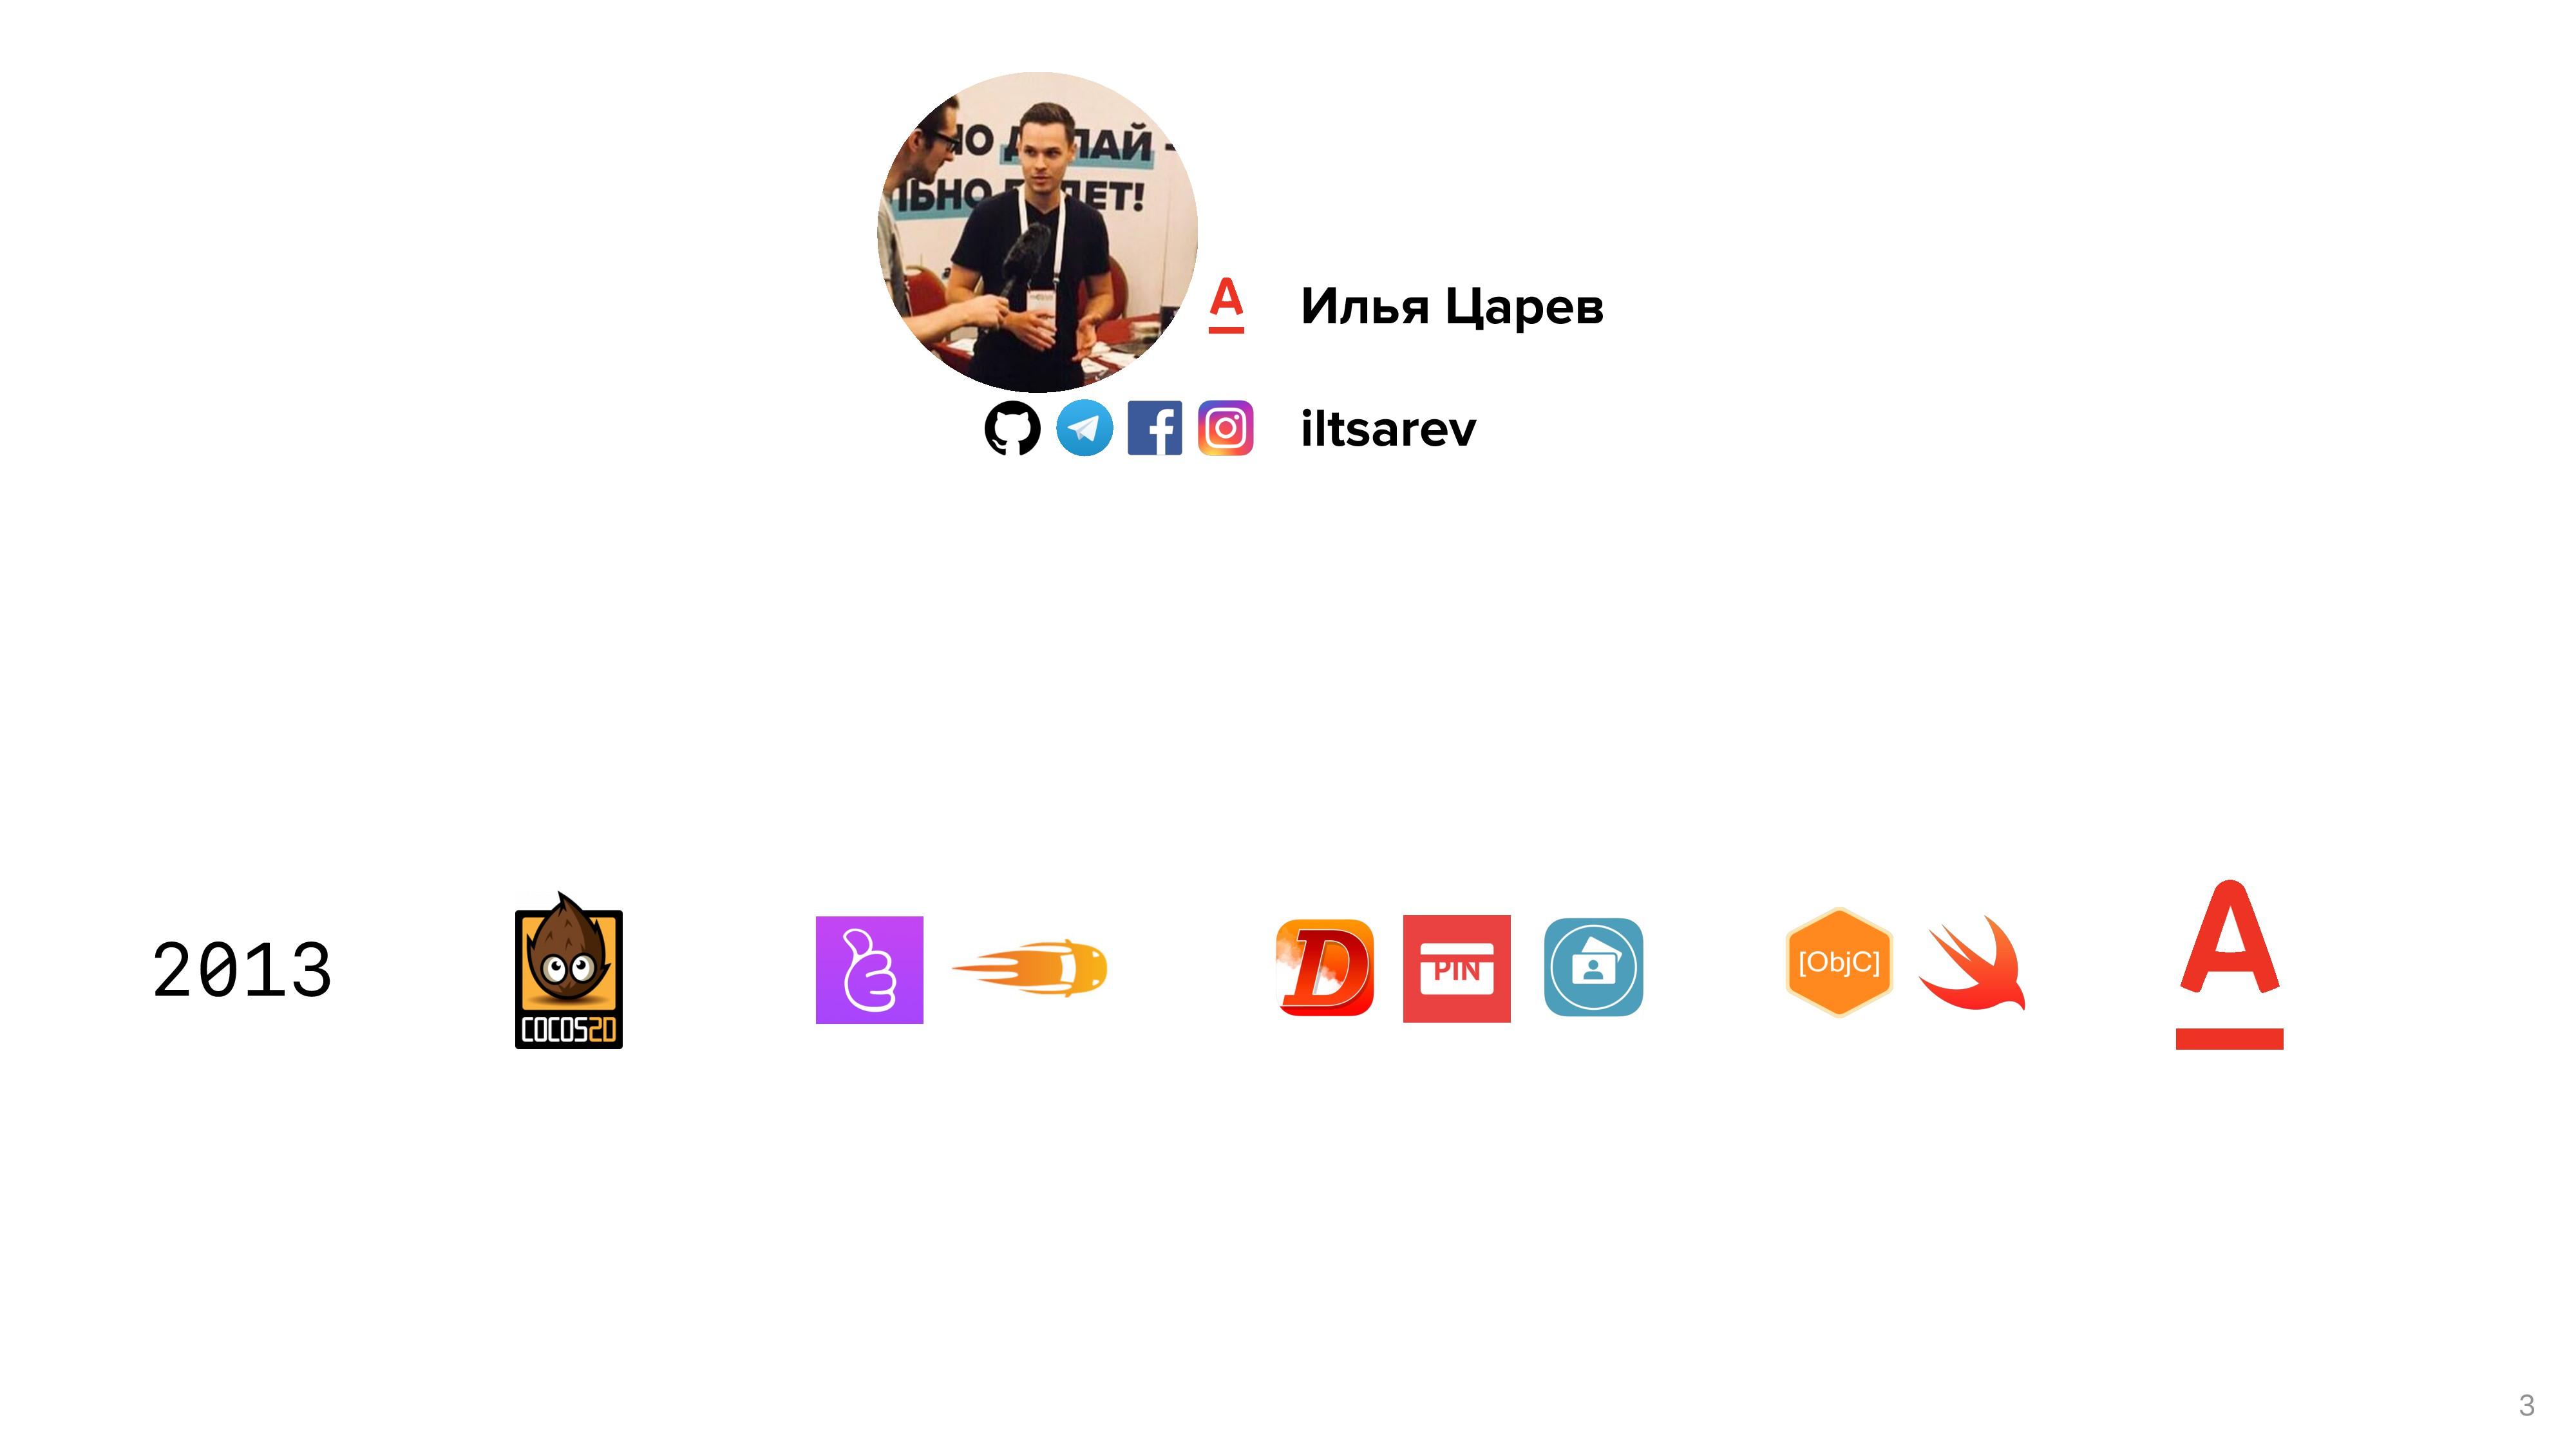 Илья Царев iltsarev 2013 3